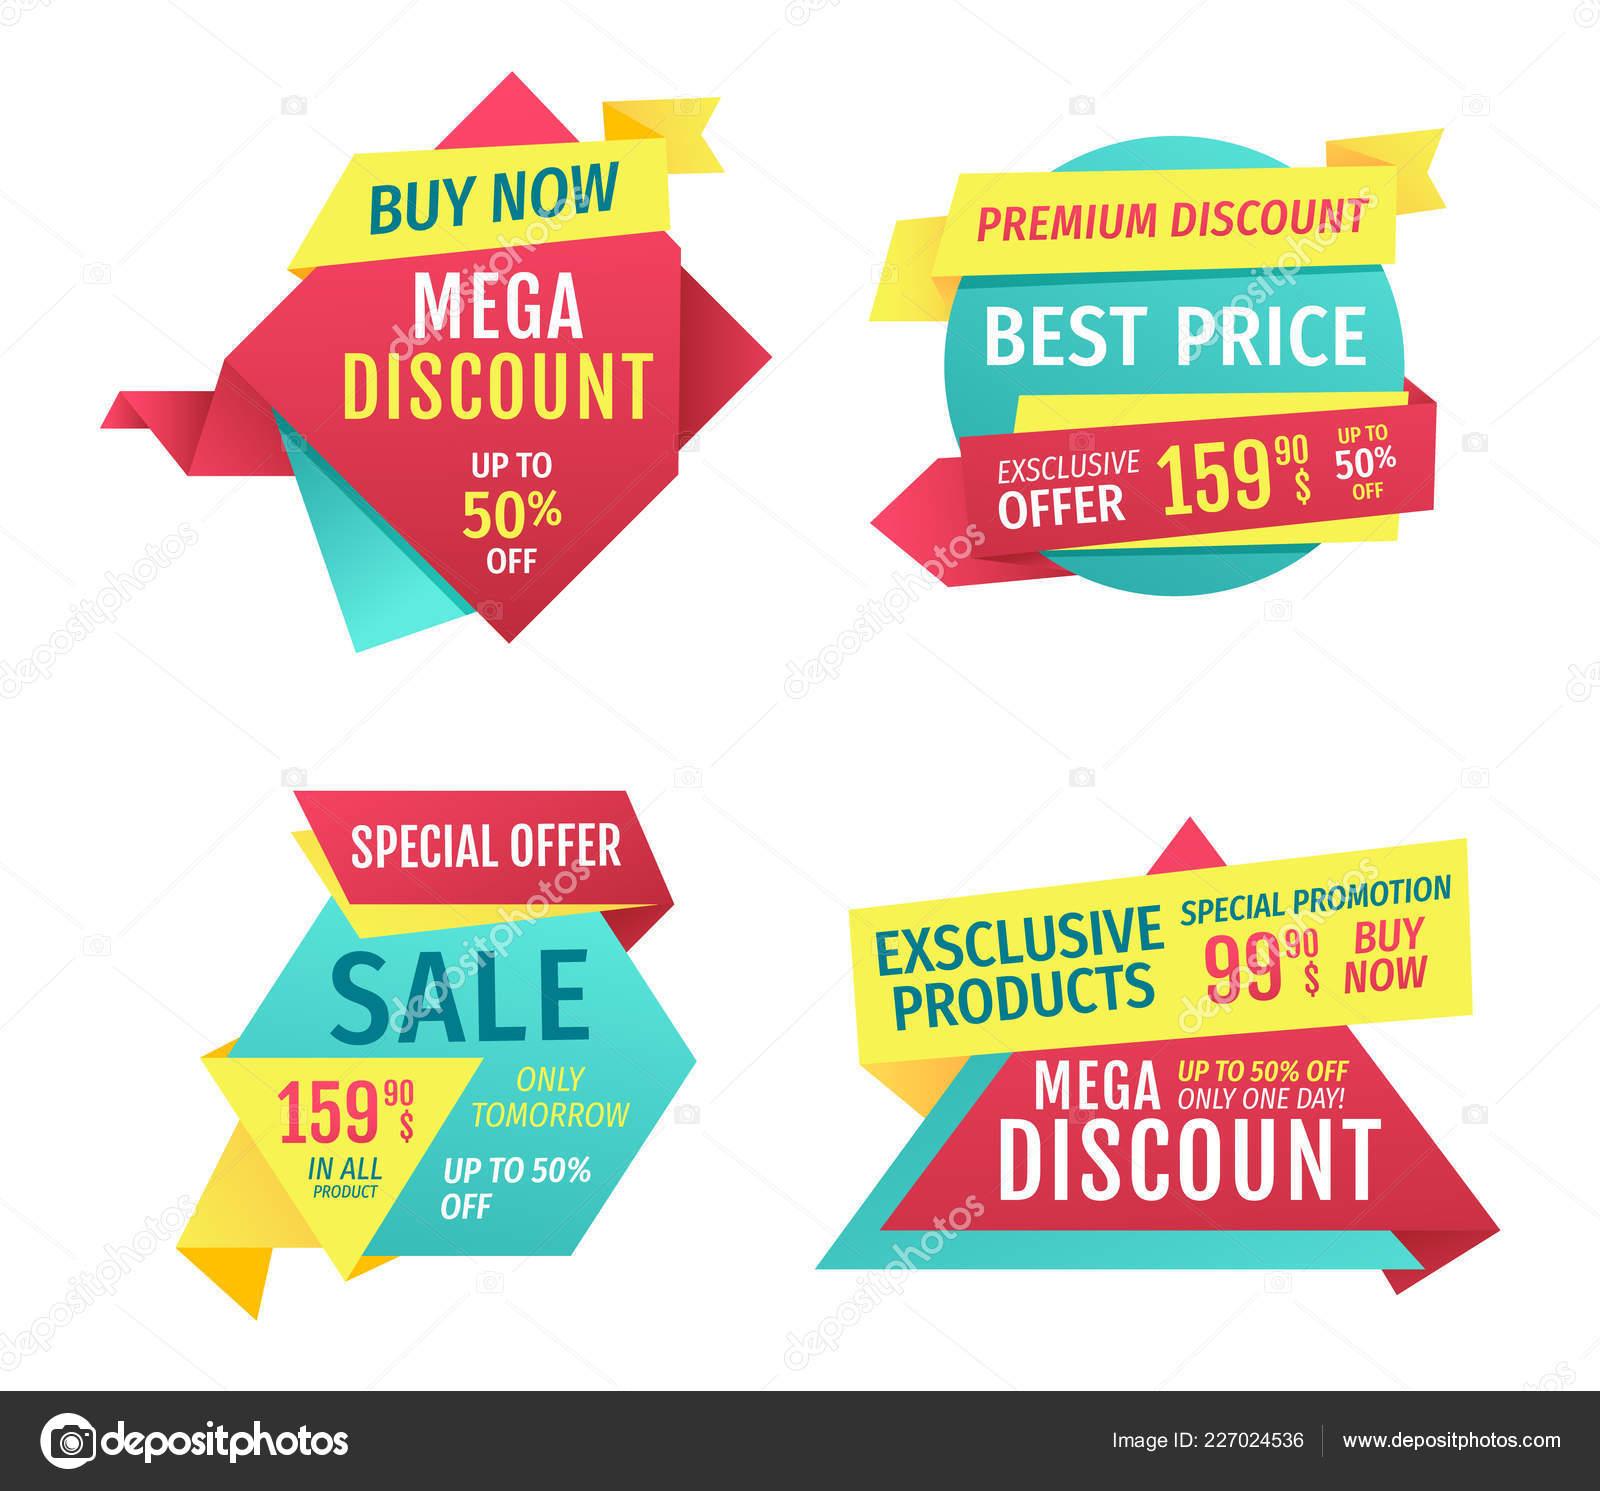 Promociones Especiales El último Producto Compre Nueva